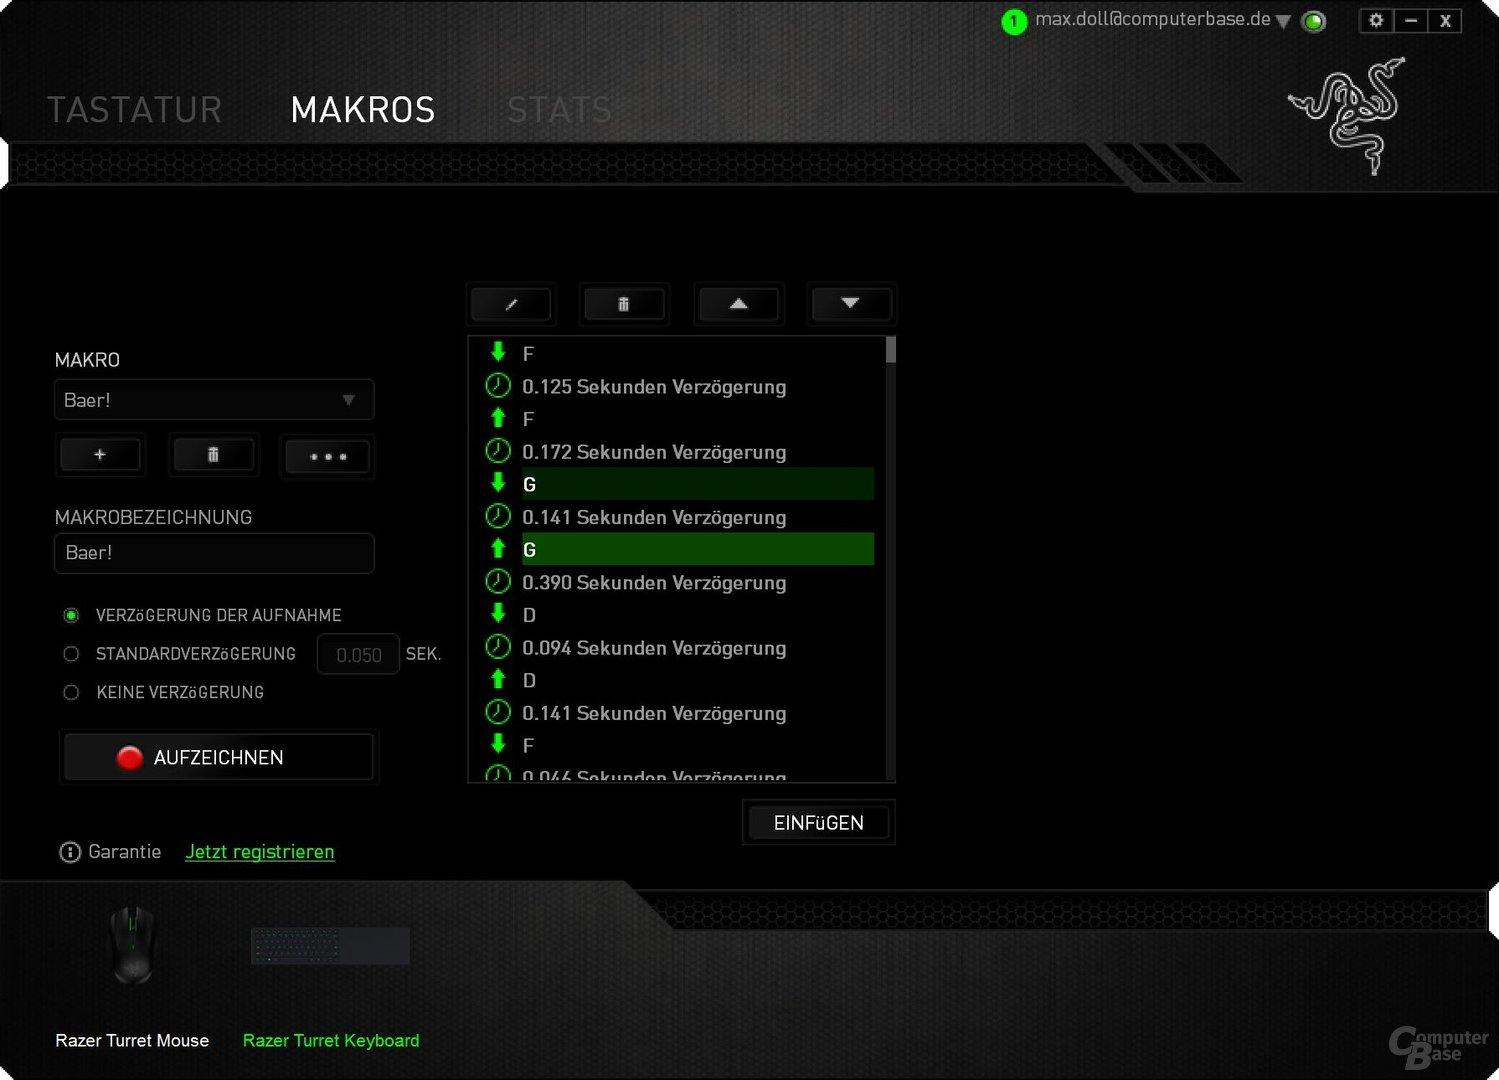 Der Makro-Editor ist funktionsstark und einfach zu bedienen